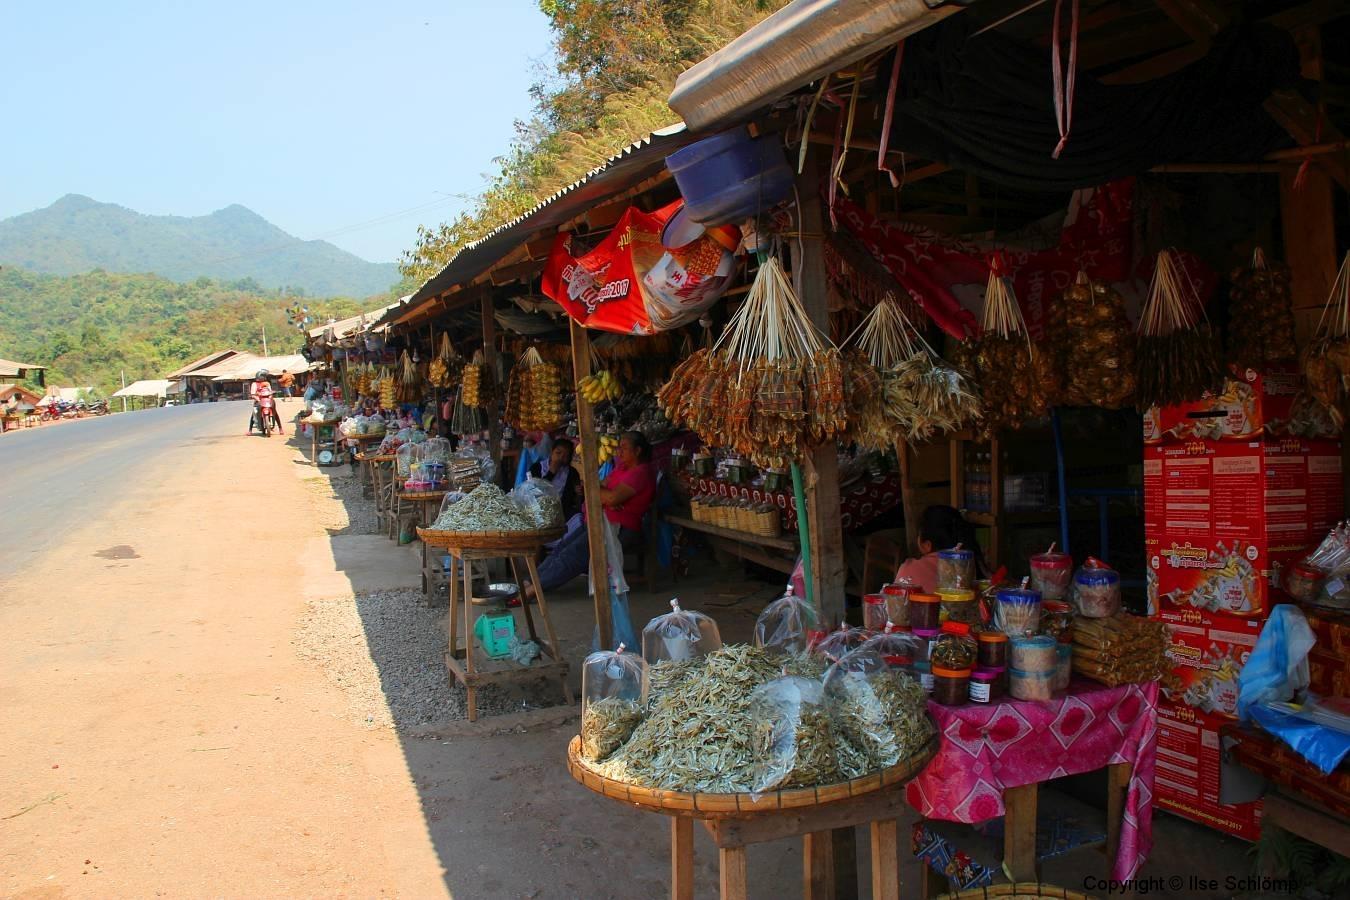 Laos, Vang Vieng, Markt am Straßenrand